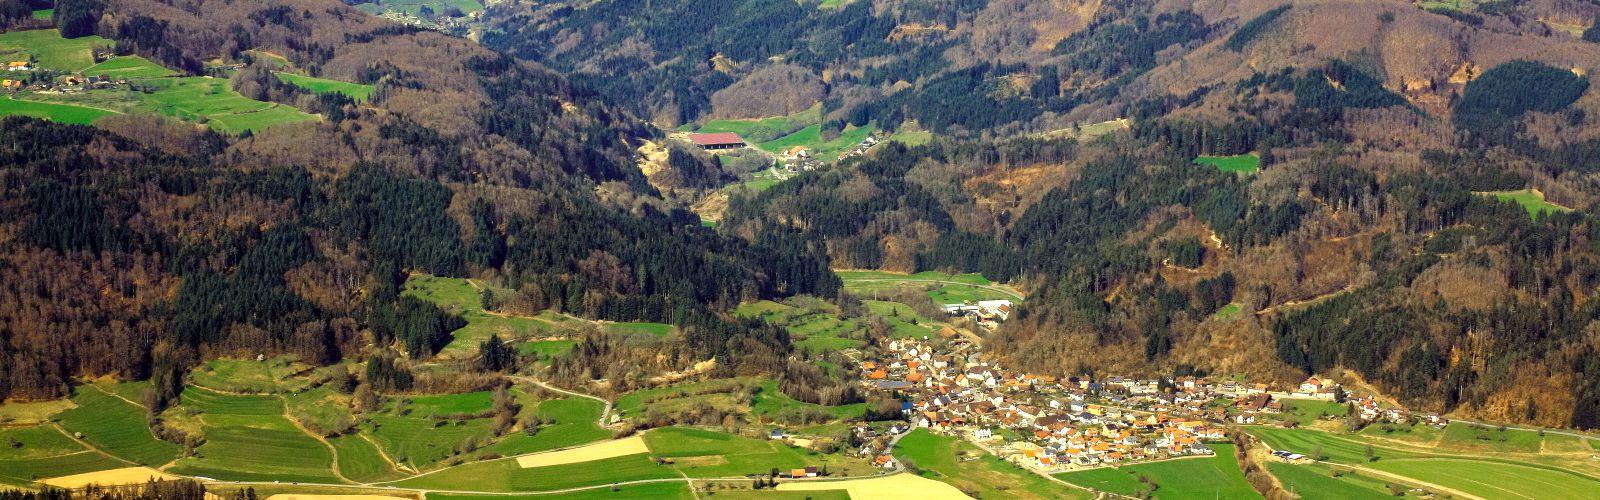 Kleines Wiesental Luftbild